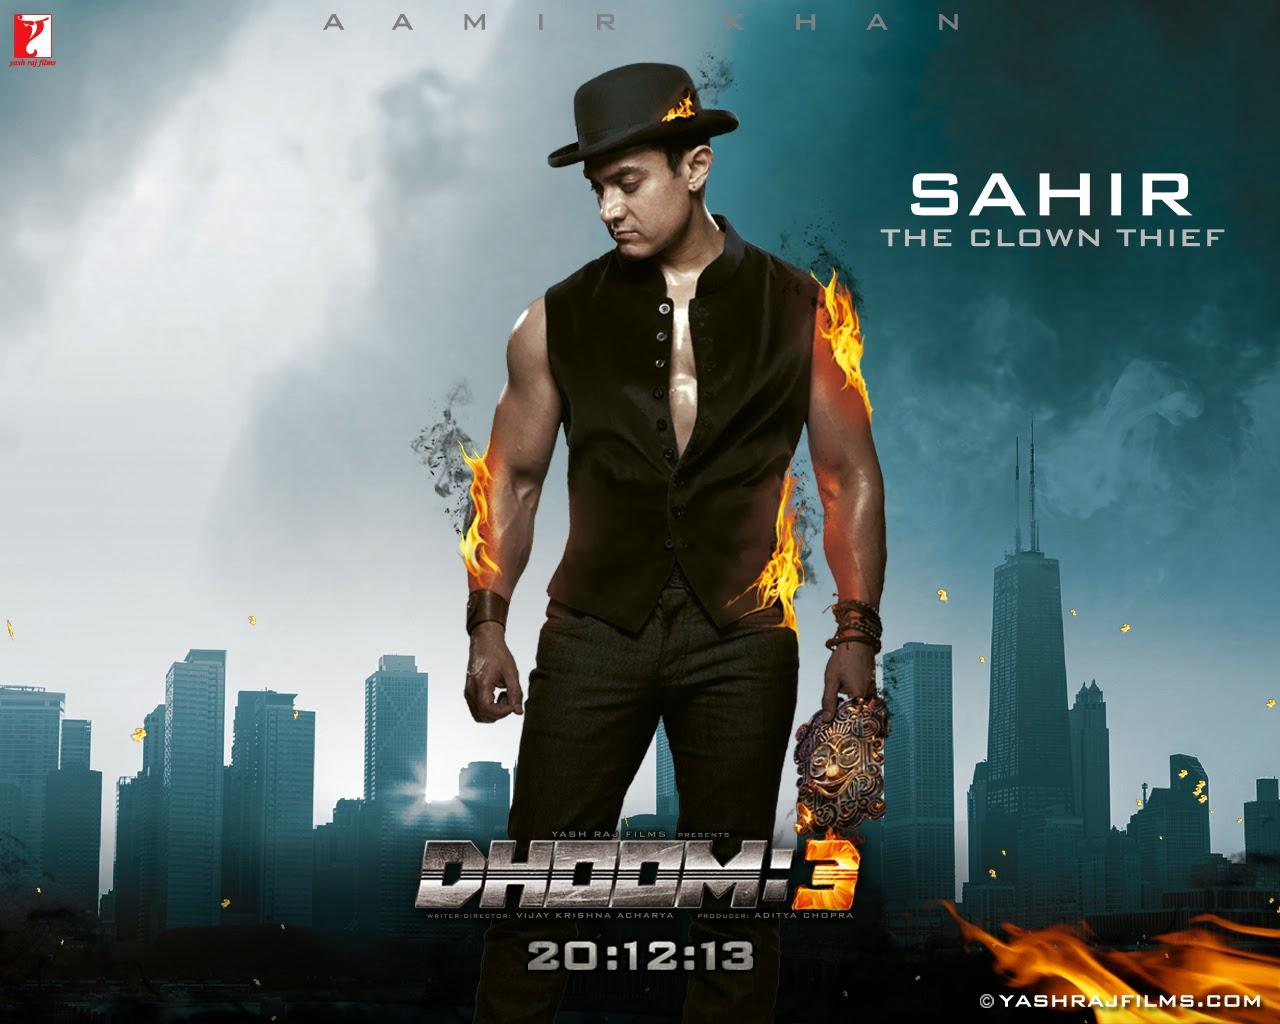 bollywood cinetalk: movie reviews; dhoom 3 (2013) *aamir khan